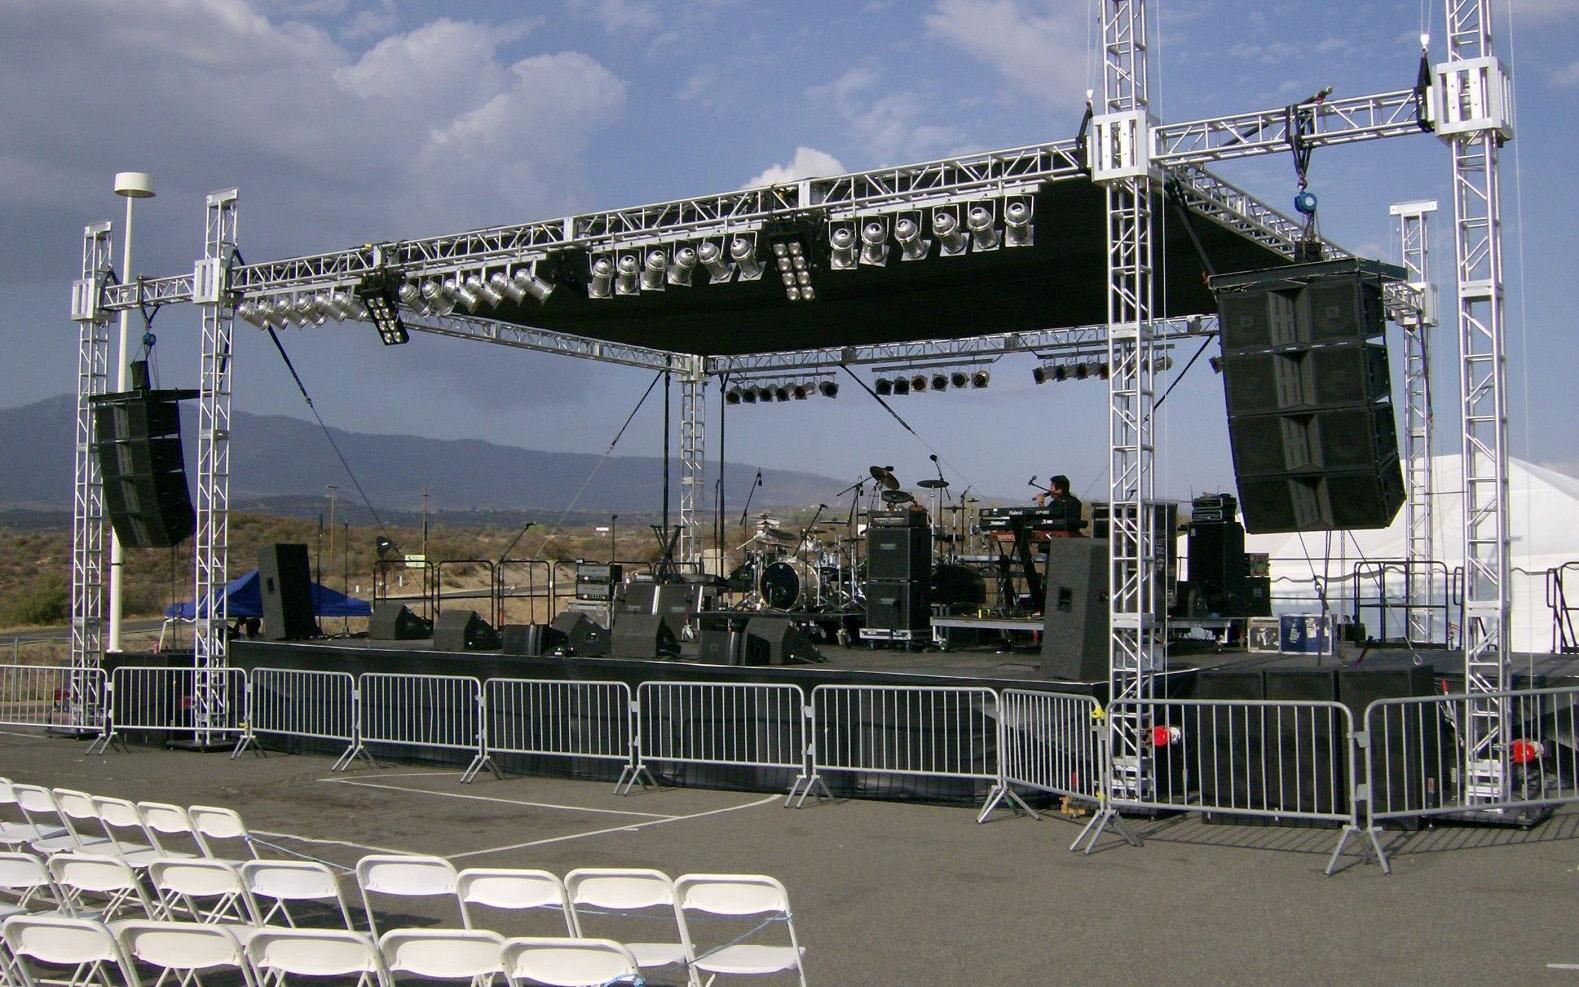 Bộ số 8: Dàn âm thanh sân khấu, hội trường ngoài trời – Giá: 74.360.000 VNĐ